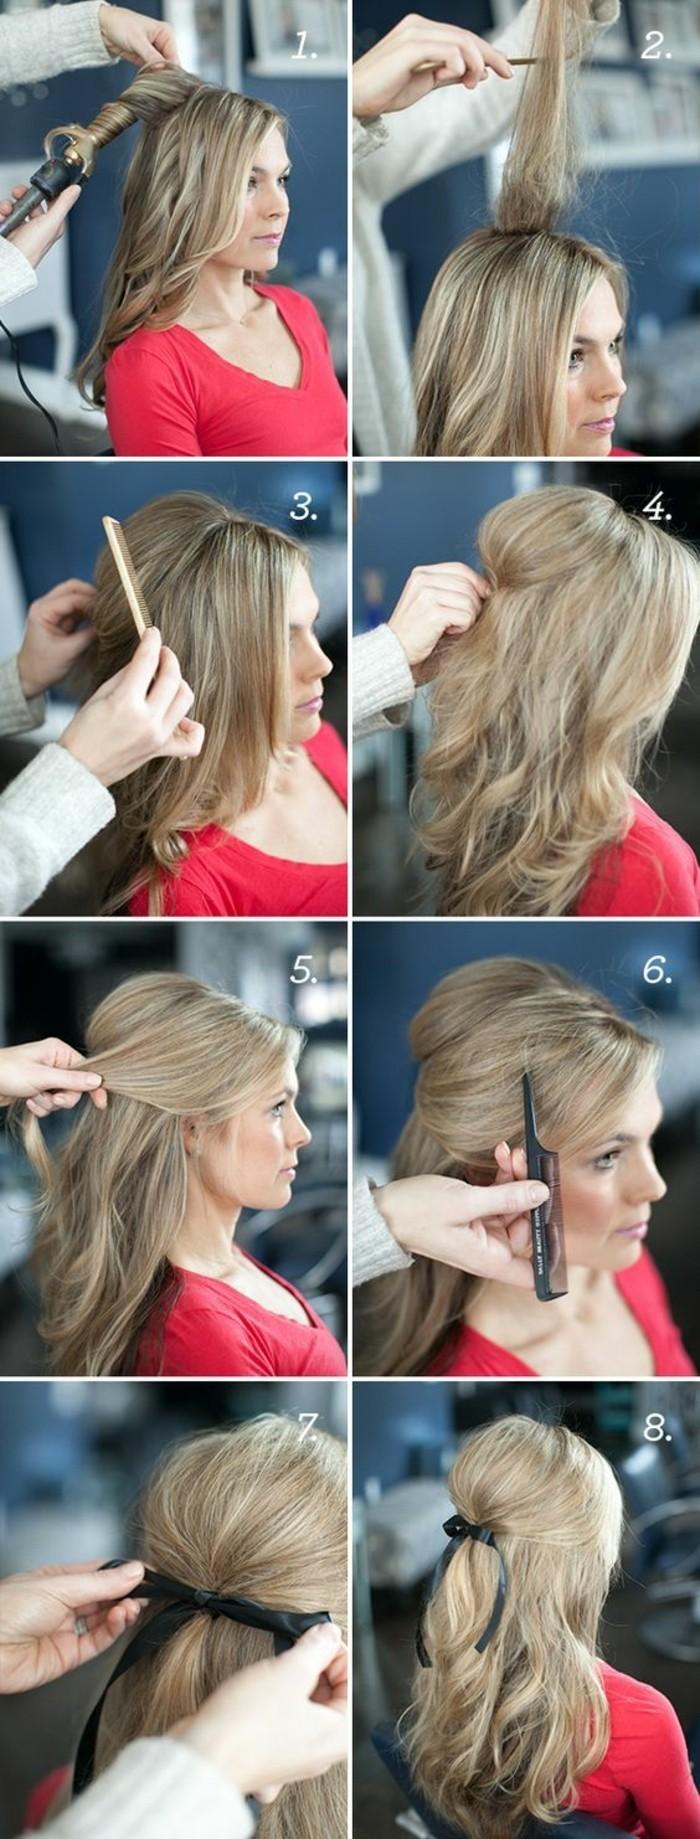 0-coiffure-facile-et-rapide-faire-vous-memes-comment-faire-une-coiffure